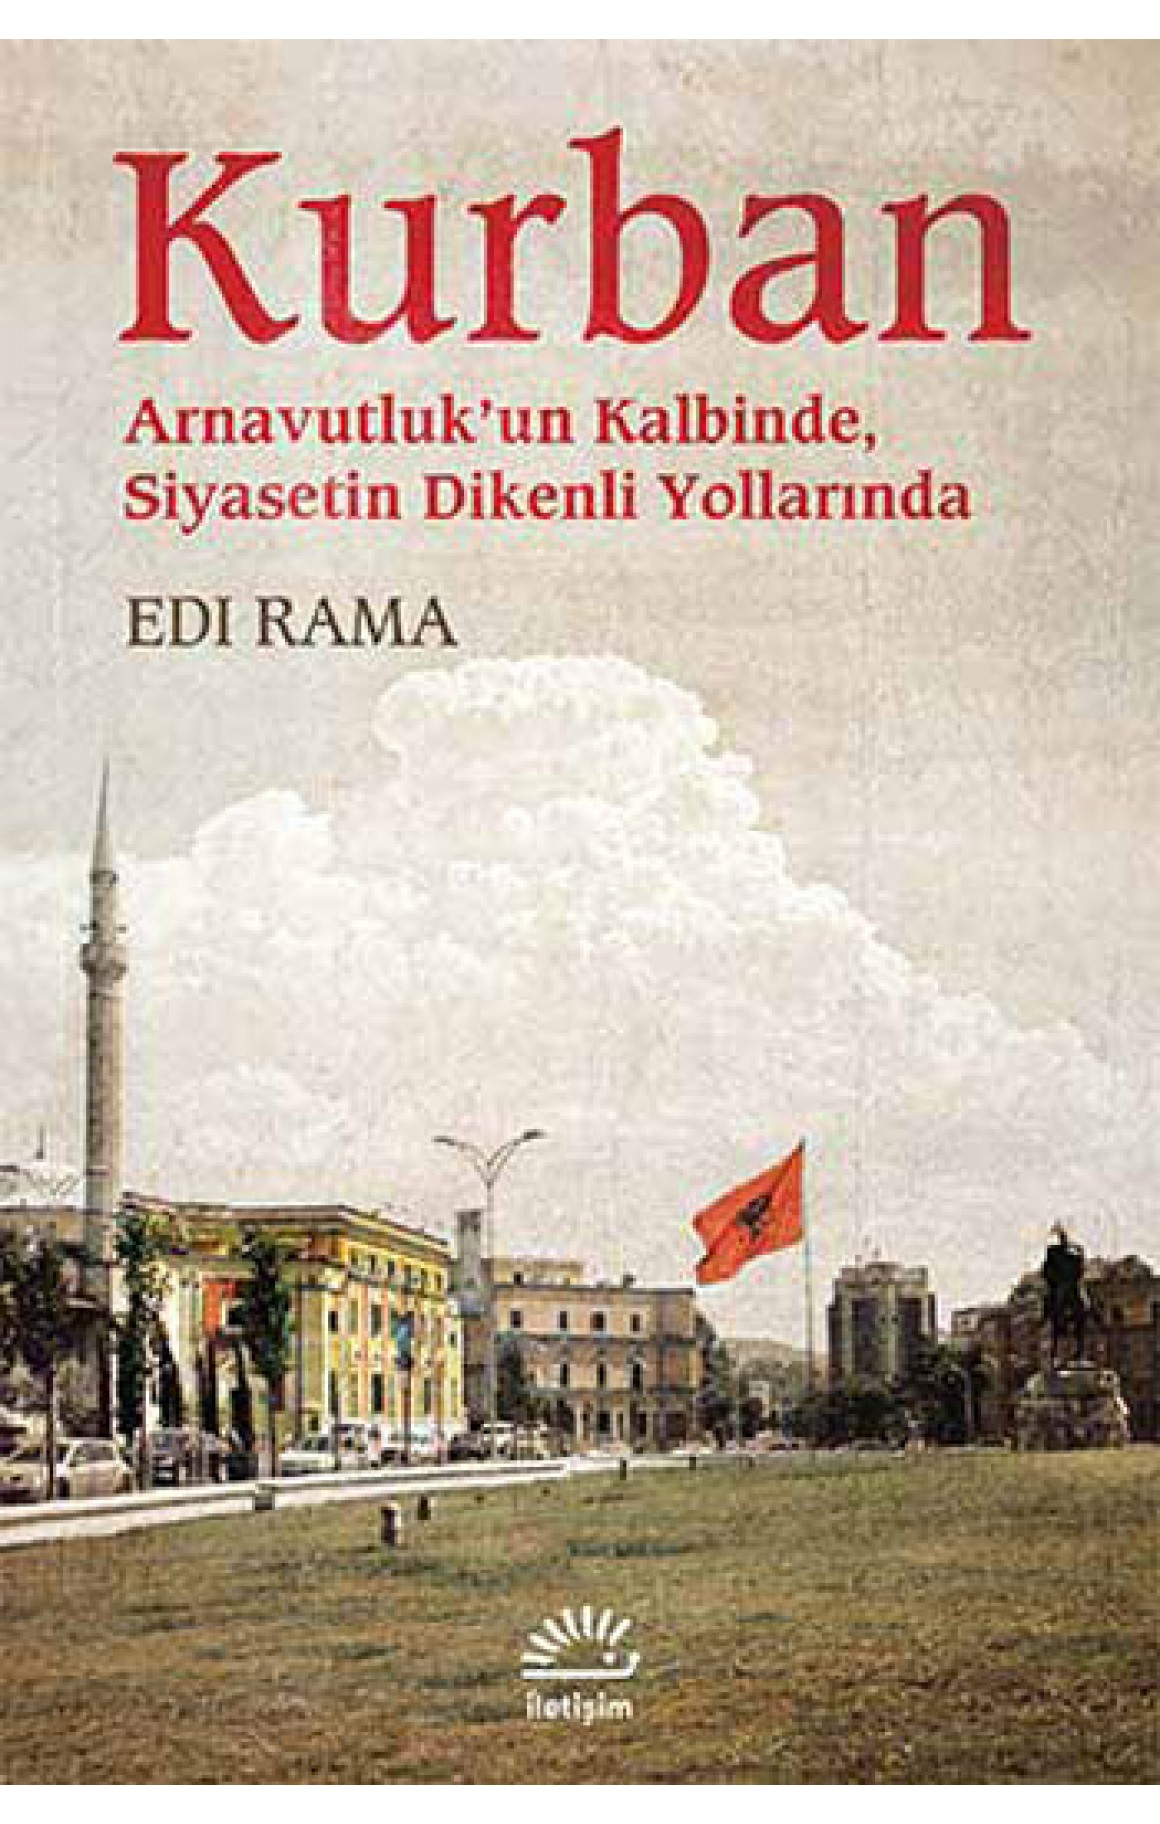 Kurban - Arnavutluk'un Kalbinde, Siyasetin Dikenli Yollarında